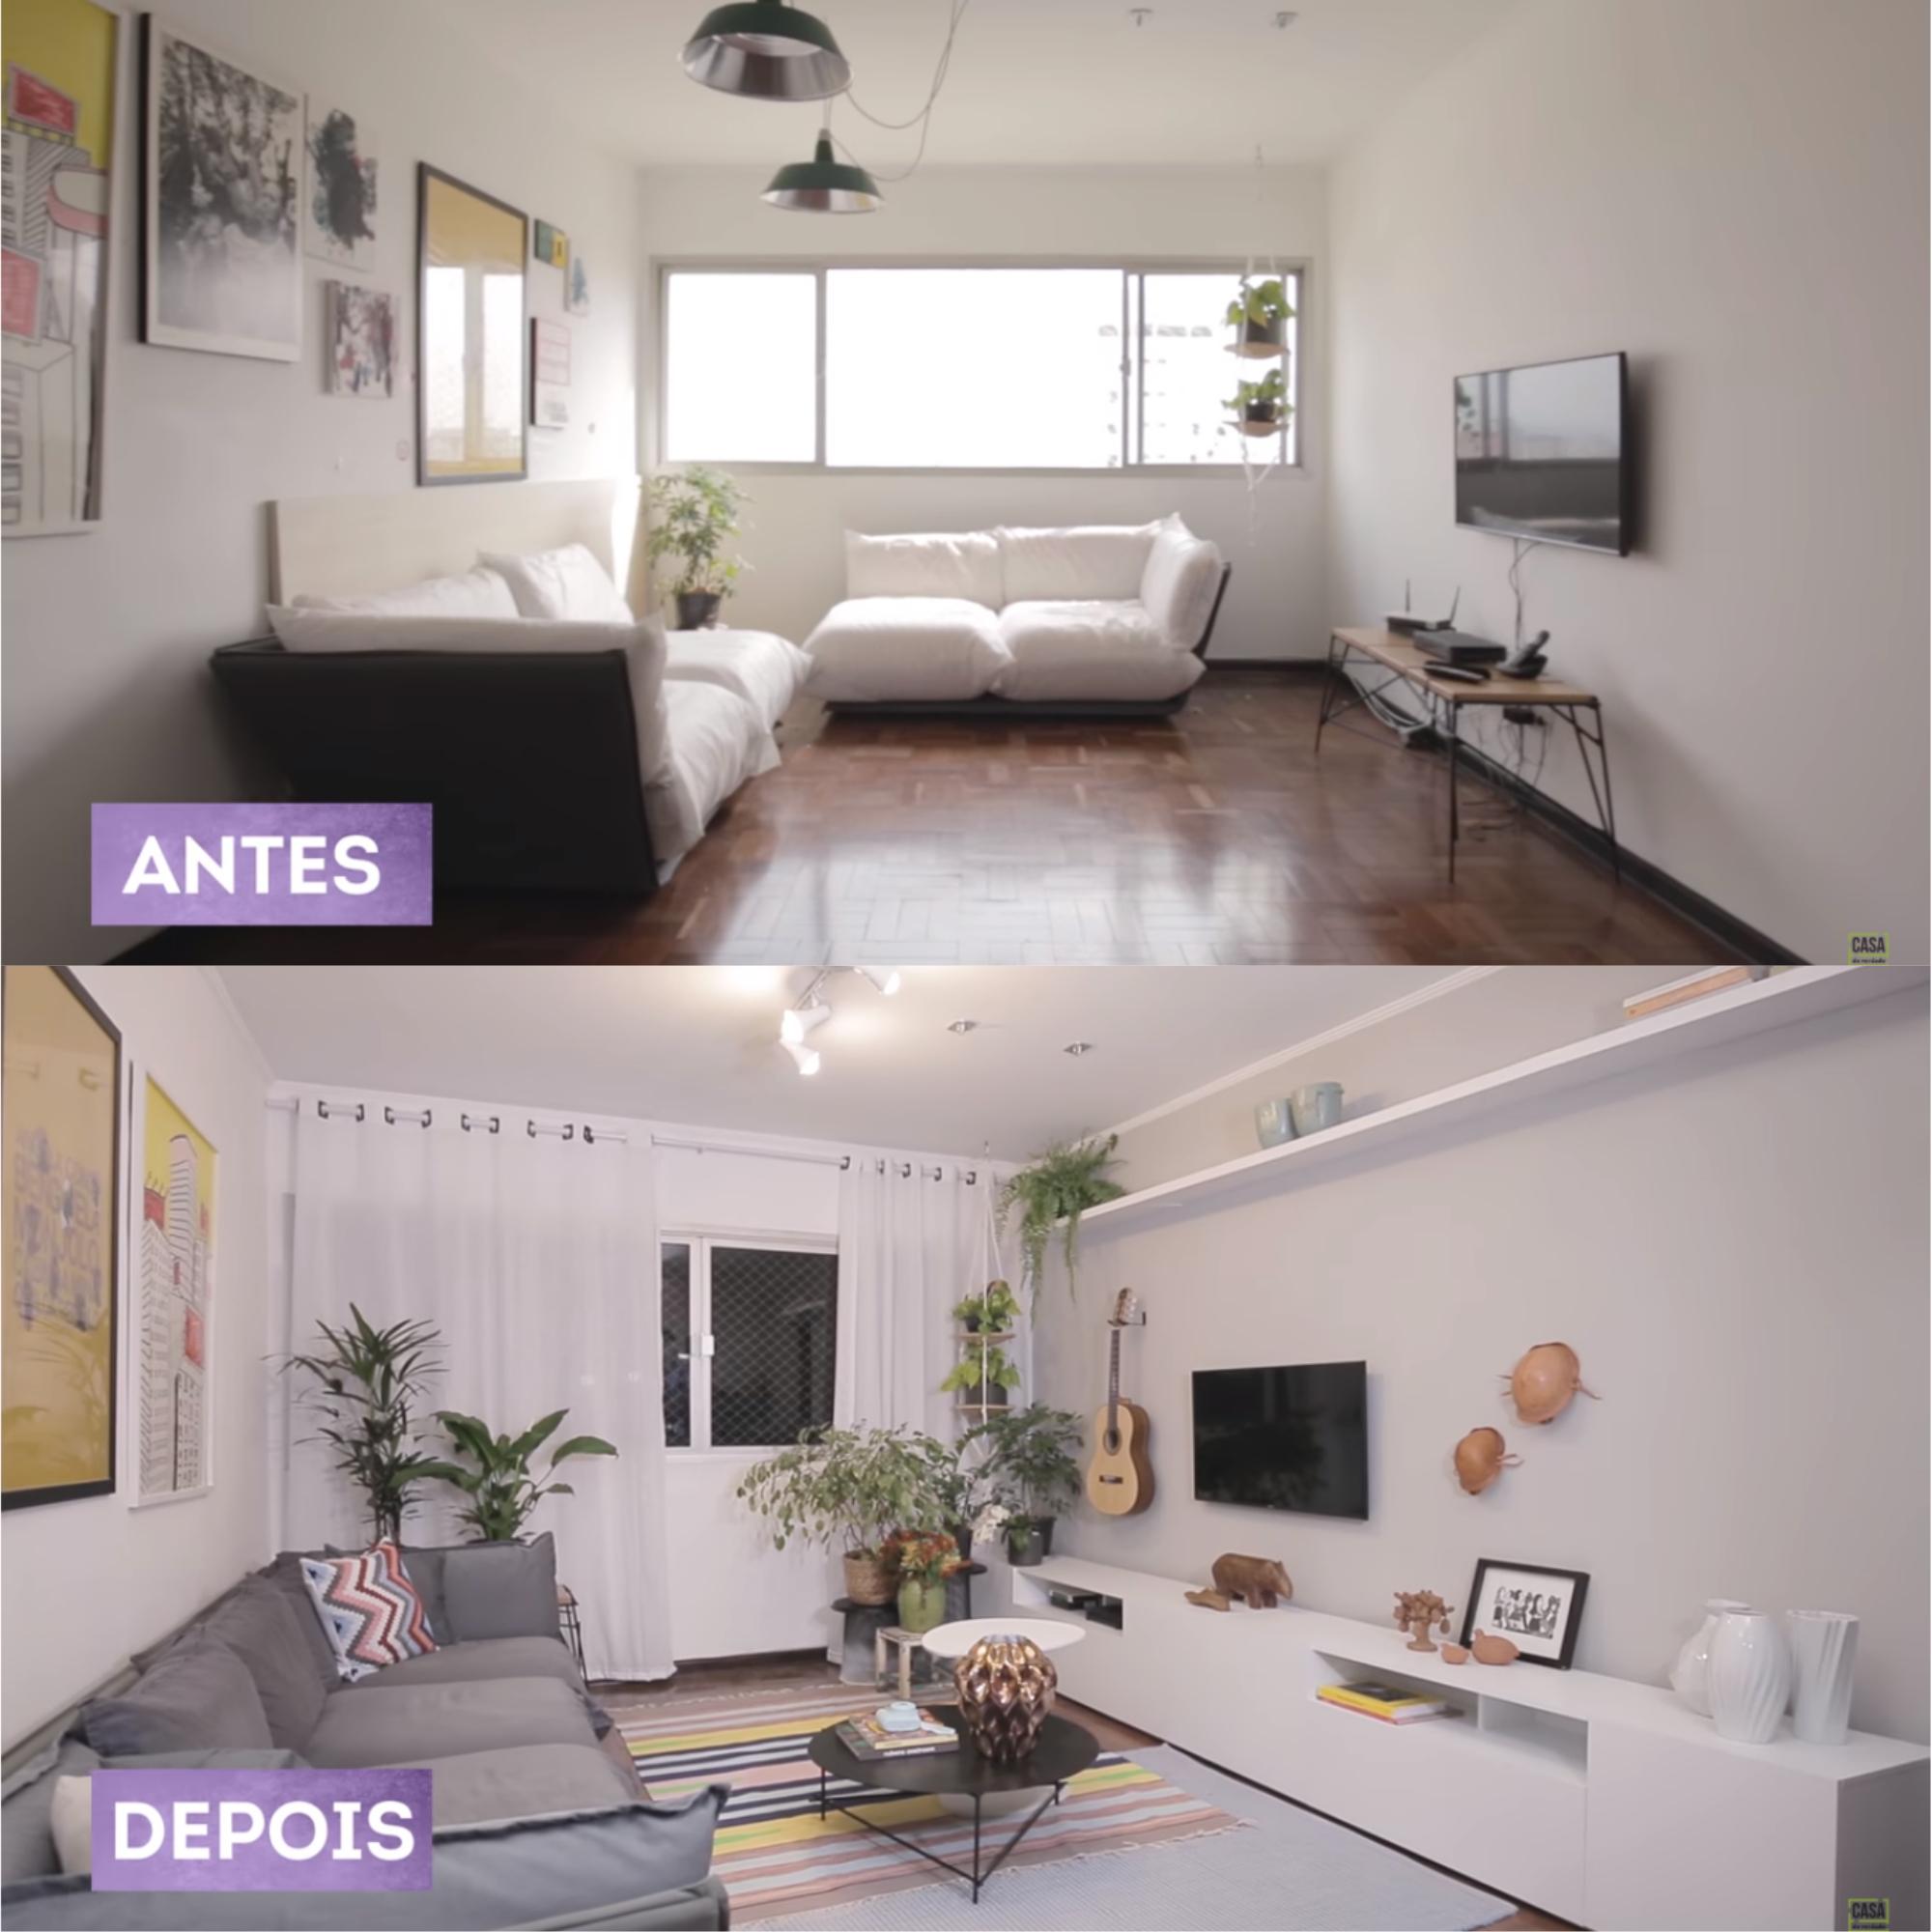 Resultado de imagem para antes e depois decoracao plantas